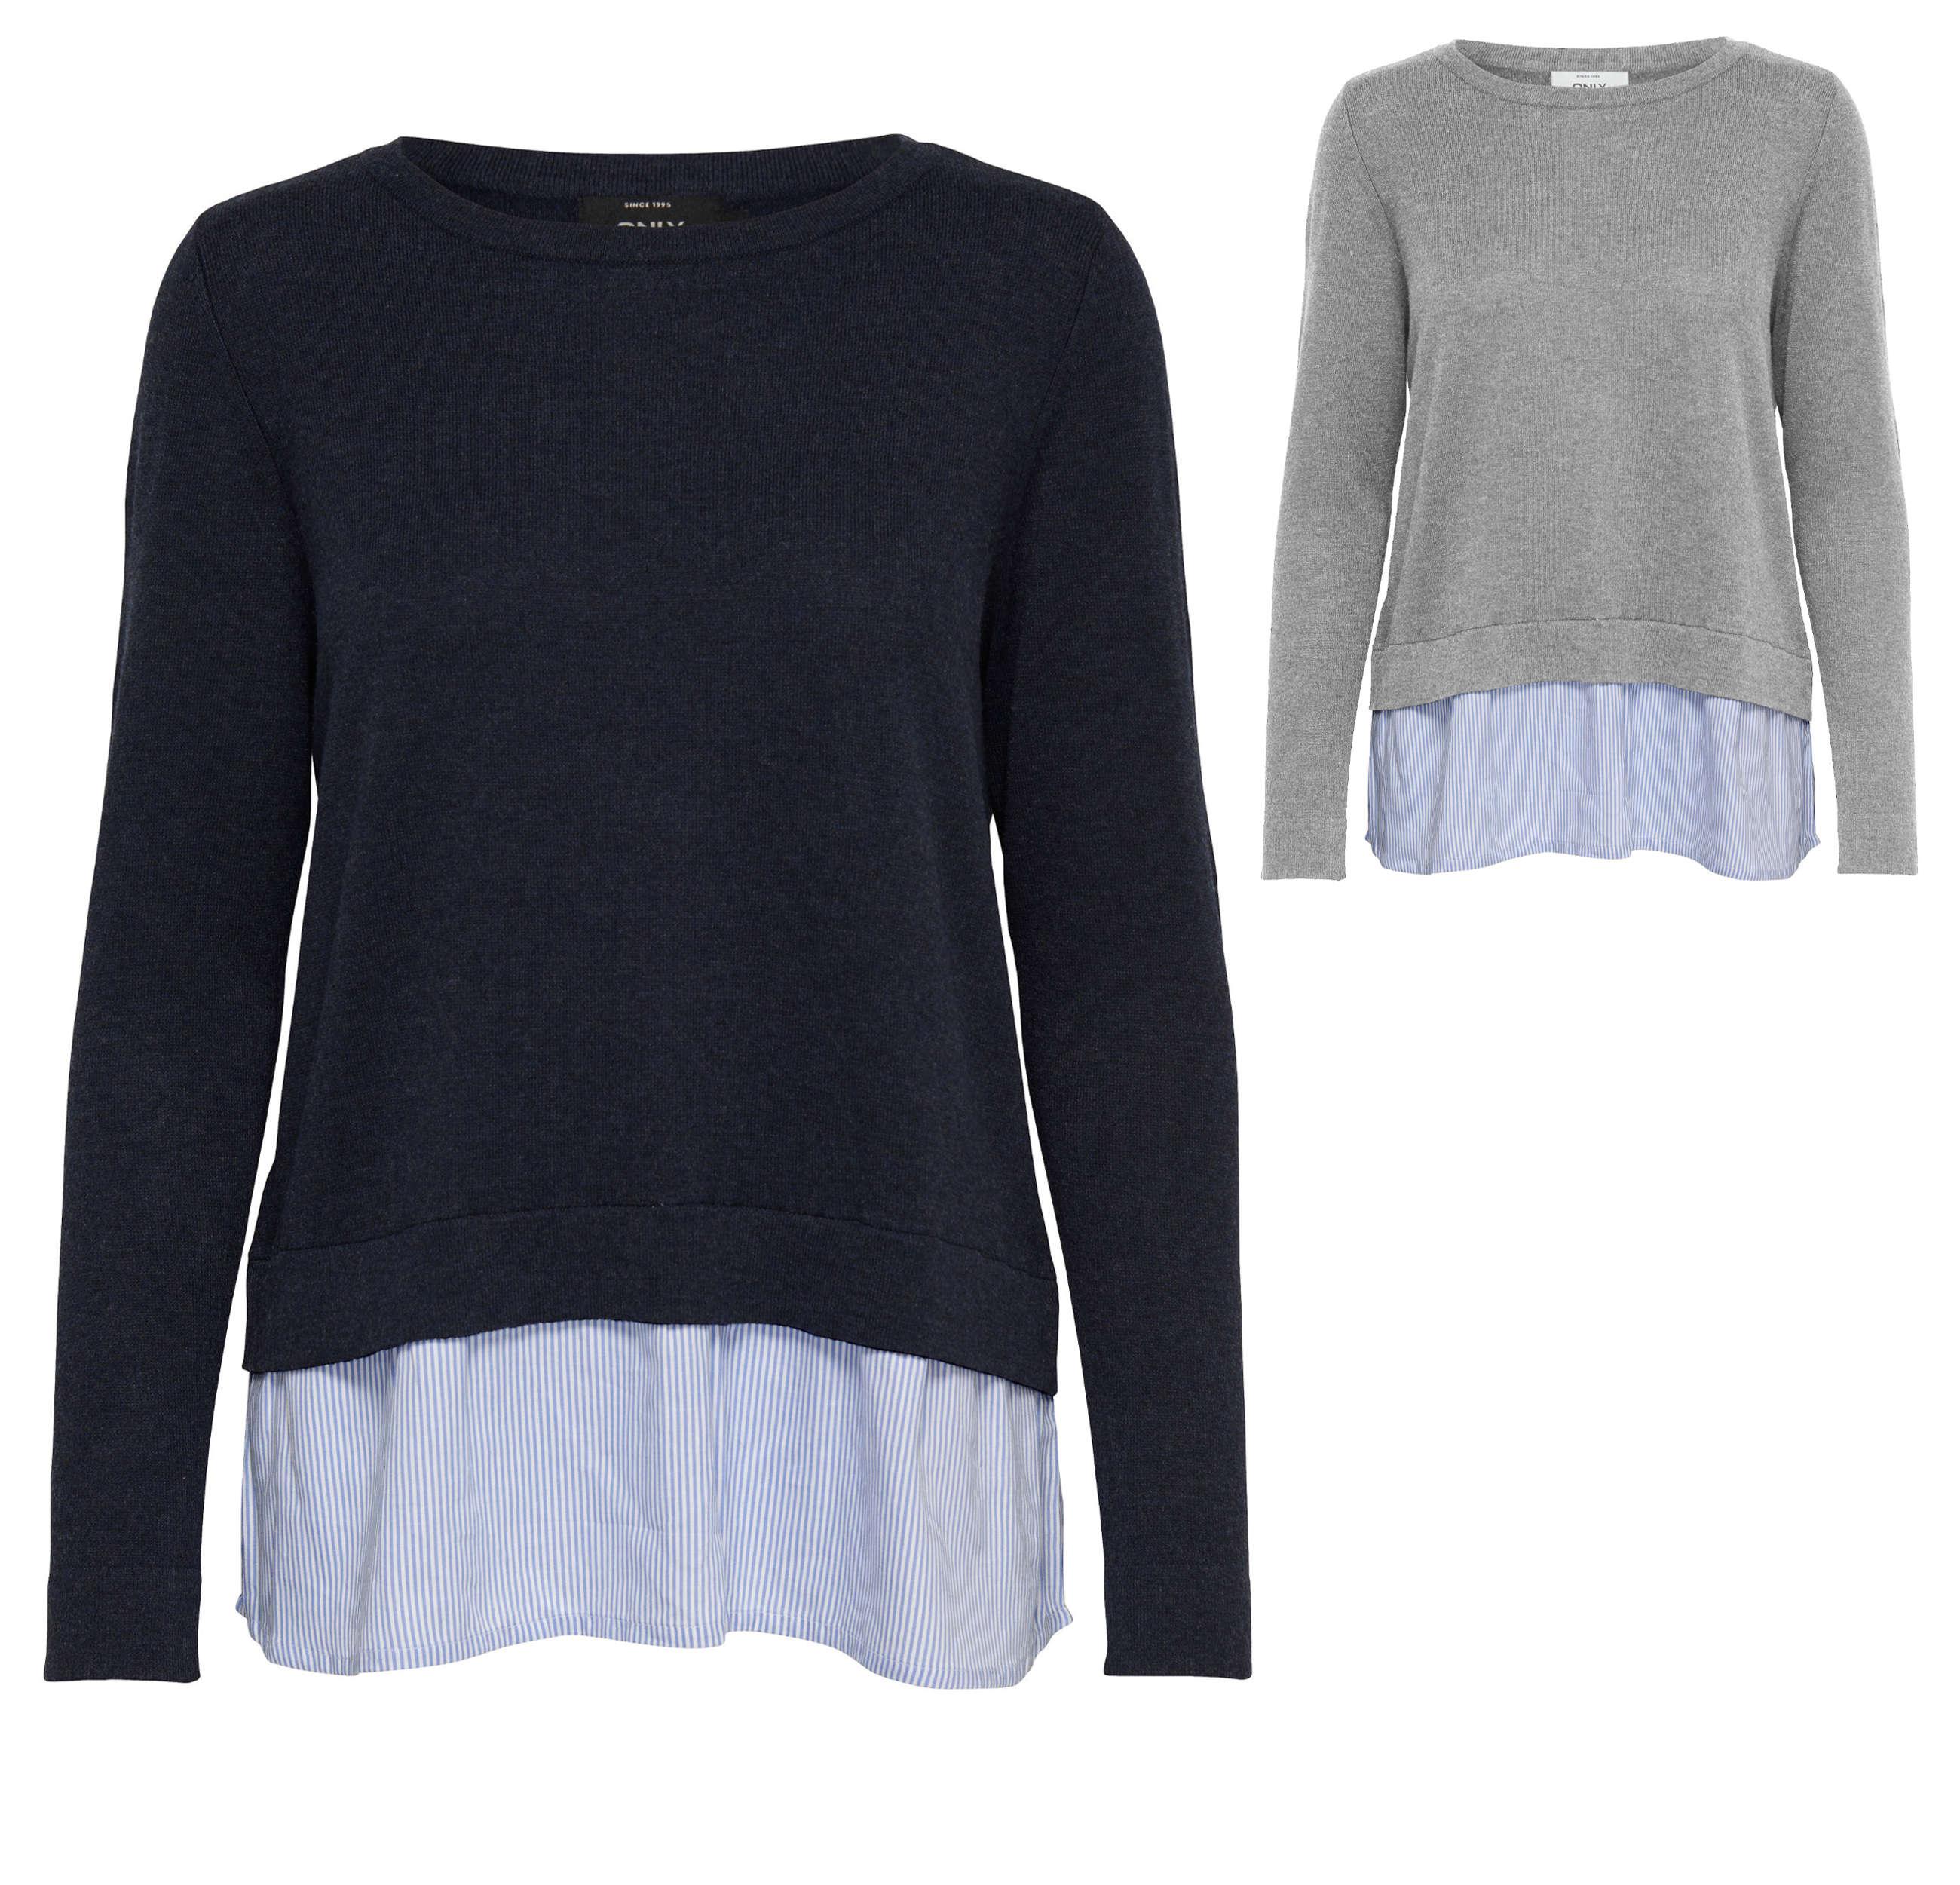 online retailer c0cca acb93 ONLY Damen Strickpullover onlNEW OXFORD L/S PULLOVER Strick Lagenlook blau  grau